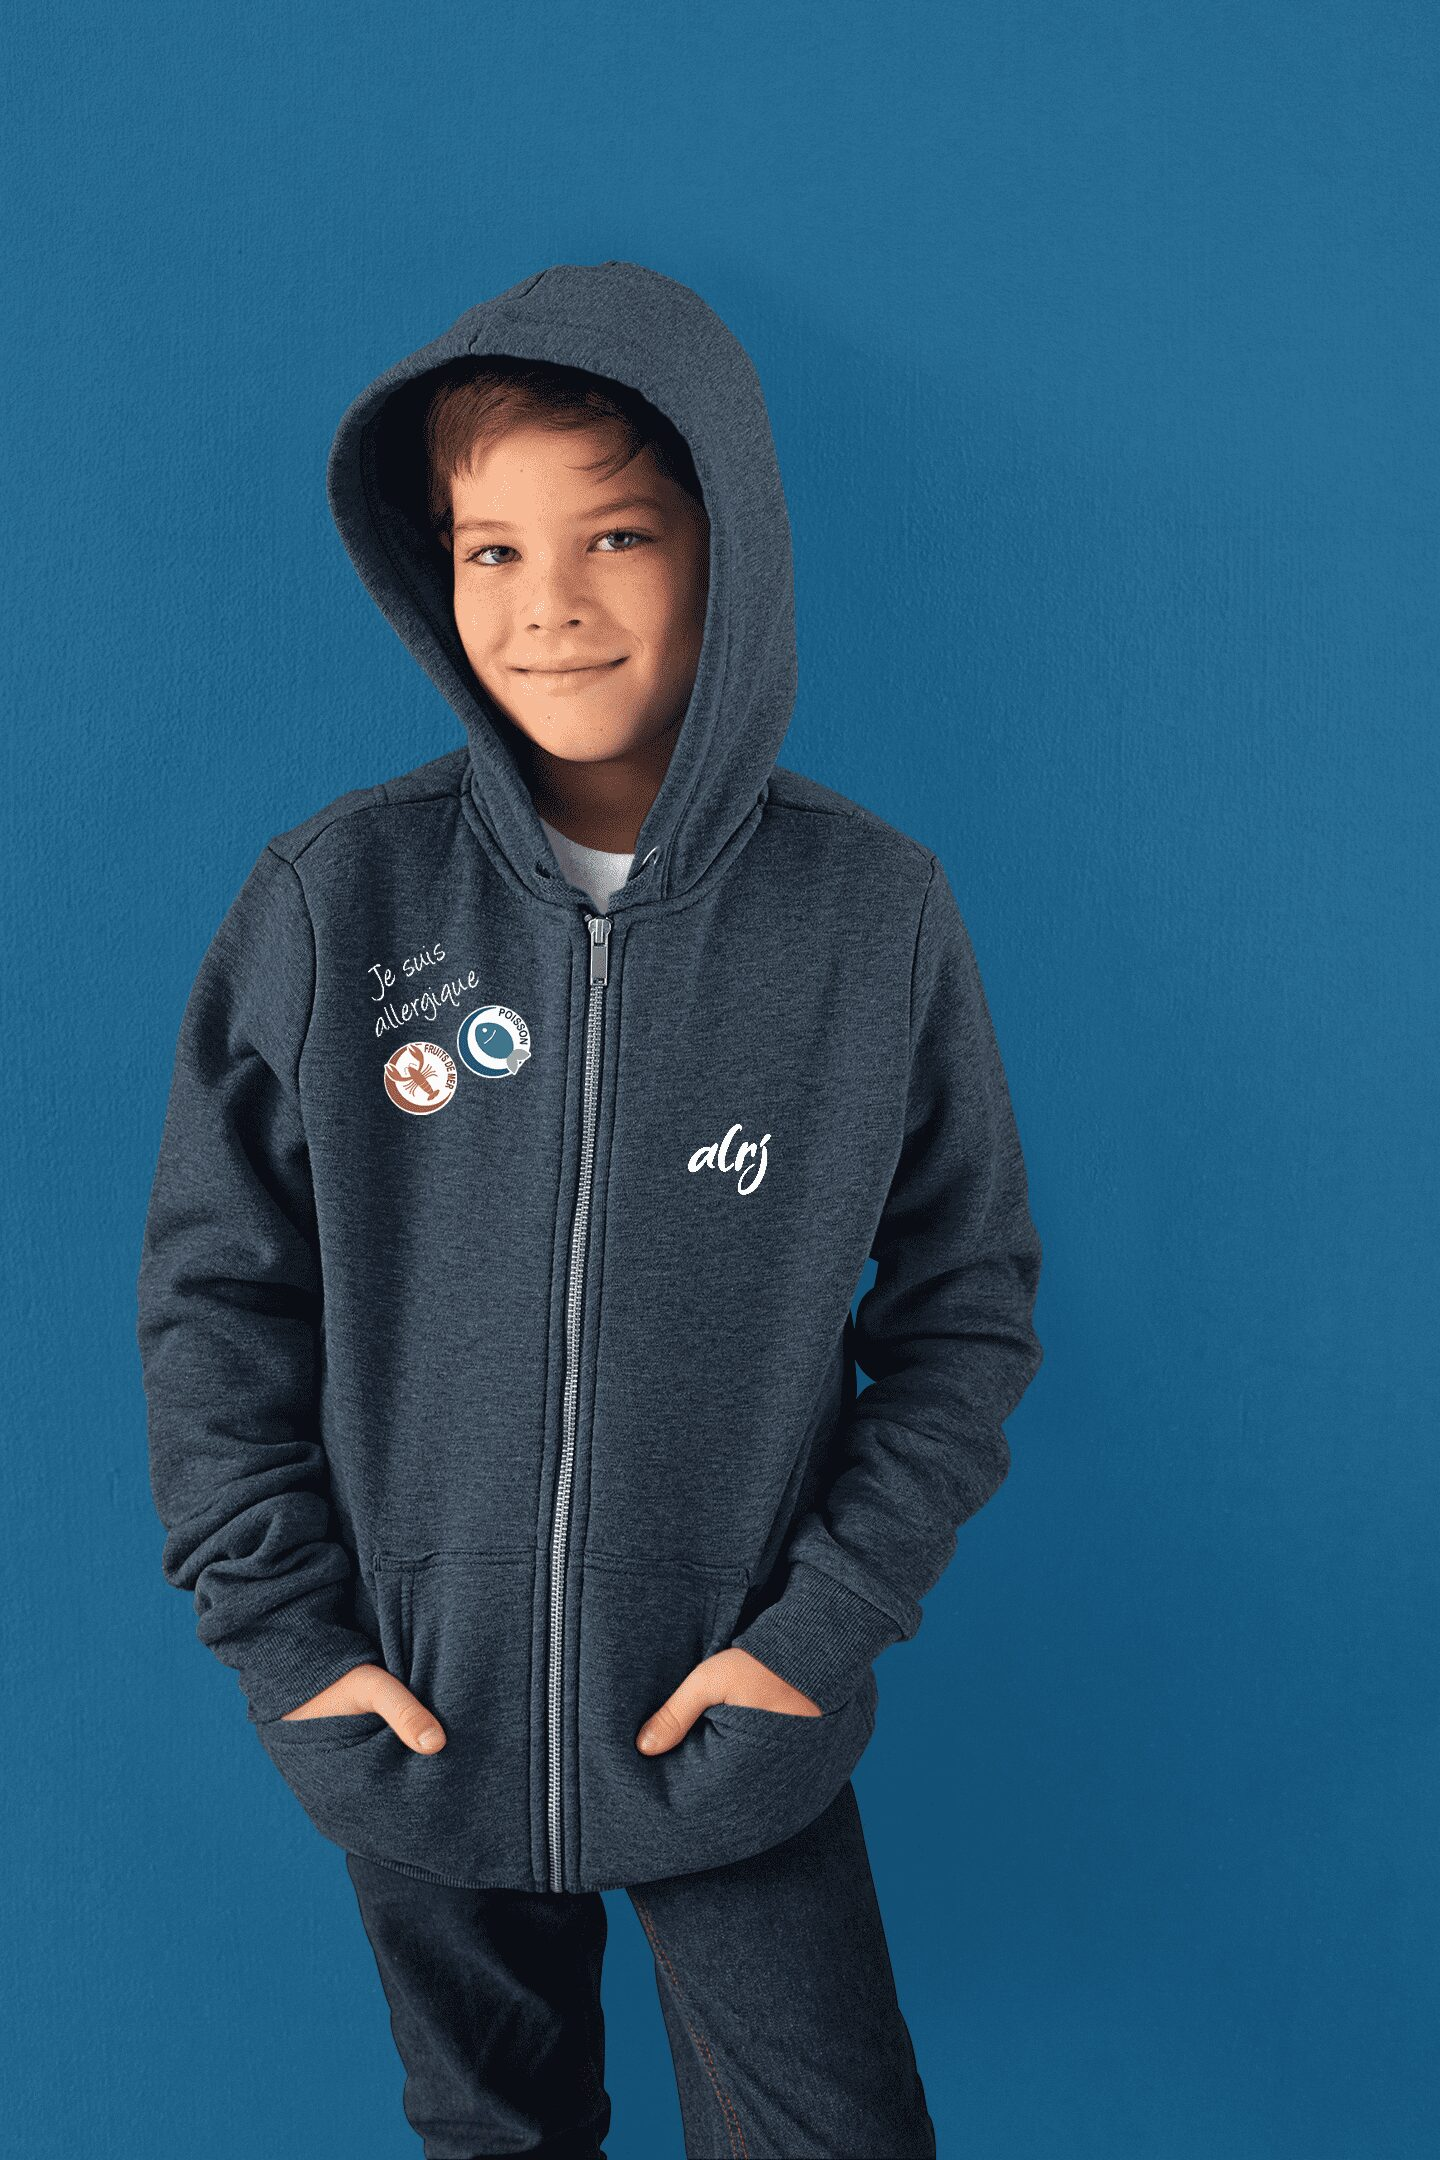 adolescent allergique alimentaire portant un sweatshirt alrj